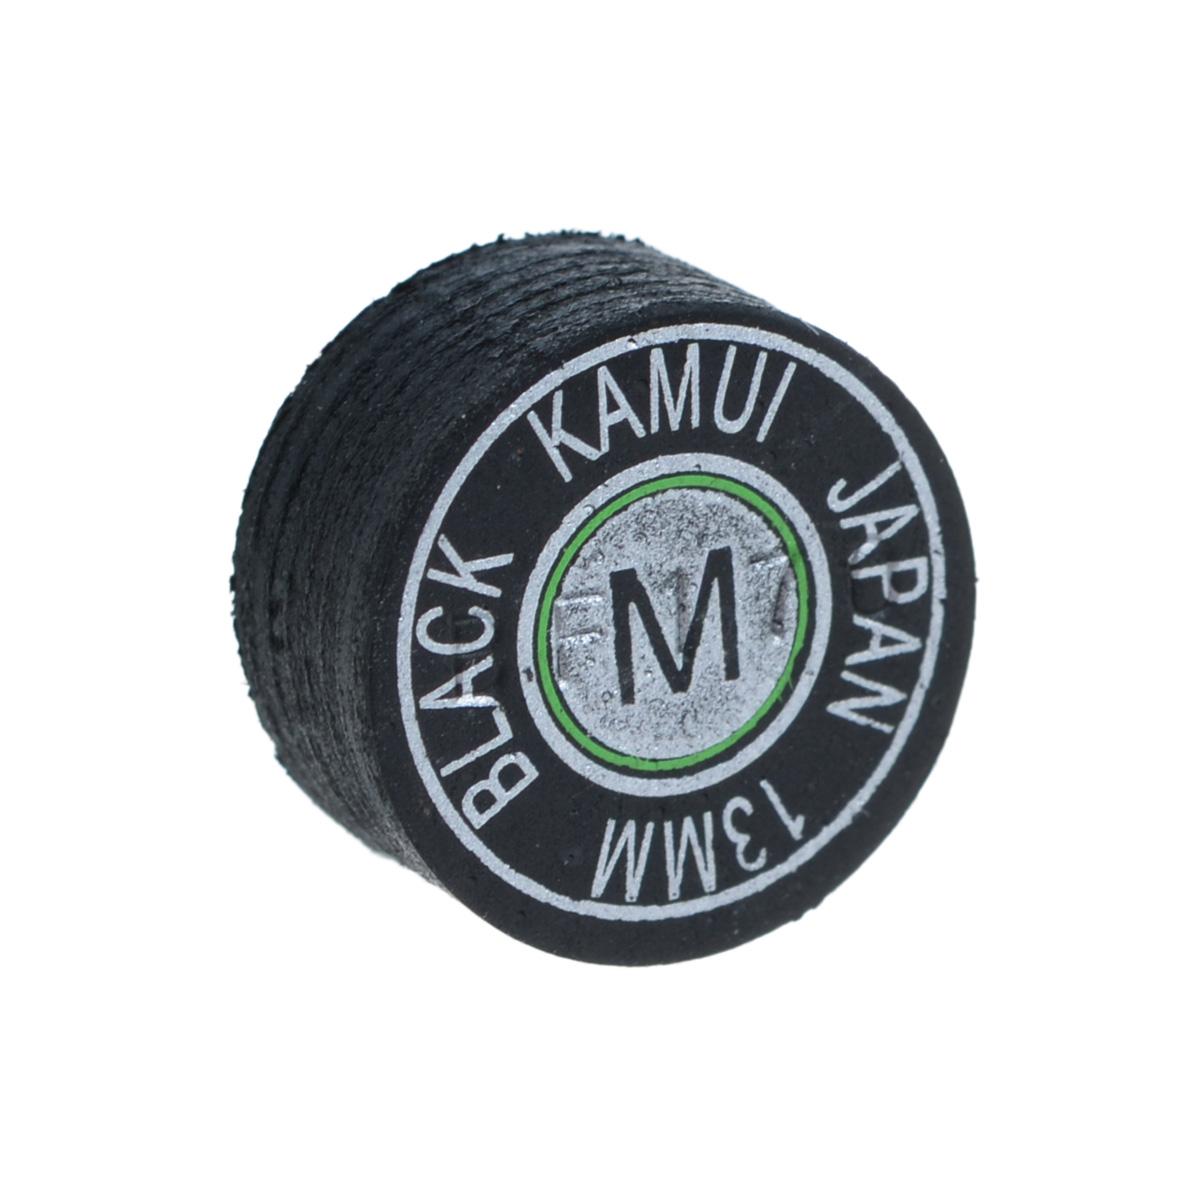 Наклейка для кия Kamui Black, средняя жесткость, 13 мм03101Почему игроки выбирают наклейки KAMUI: Повышенная устойчивость к влажности. Кожа для наклеек KAMUI проходит этап растительного дубления. Это позволяет сделать кожу более эластичной и прочной по сравнению, например, с кожей, которая прошла этап хромового дубления. Тем не менее, после растительного дубления кожа имеет тенденцию поглощать влагу, которая уменьшает как прочность, так и эластичность кожи. Именно поэтому KAMUI проводит дополнительный, специальный, этап дубления кожи, после которого кожа сохраняет прочность и эластичность. Как результат - наклейки KAMUI не изменяют своих игровых свойств даже в средах с повышенной влажностью. Уменьшение эффекта грибной шляпки. Появление у наклейки формы грибной шляпки связано с отсутствием достаточной прочности у наклейки при ударе по шарам. Эта шляпка не позволит игроку сделать точный, аккуратный удар. Во время дубления кожи для наклеек KAMUI процесс останавливается именно в тот момент, ...